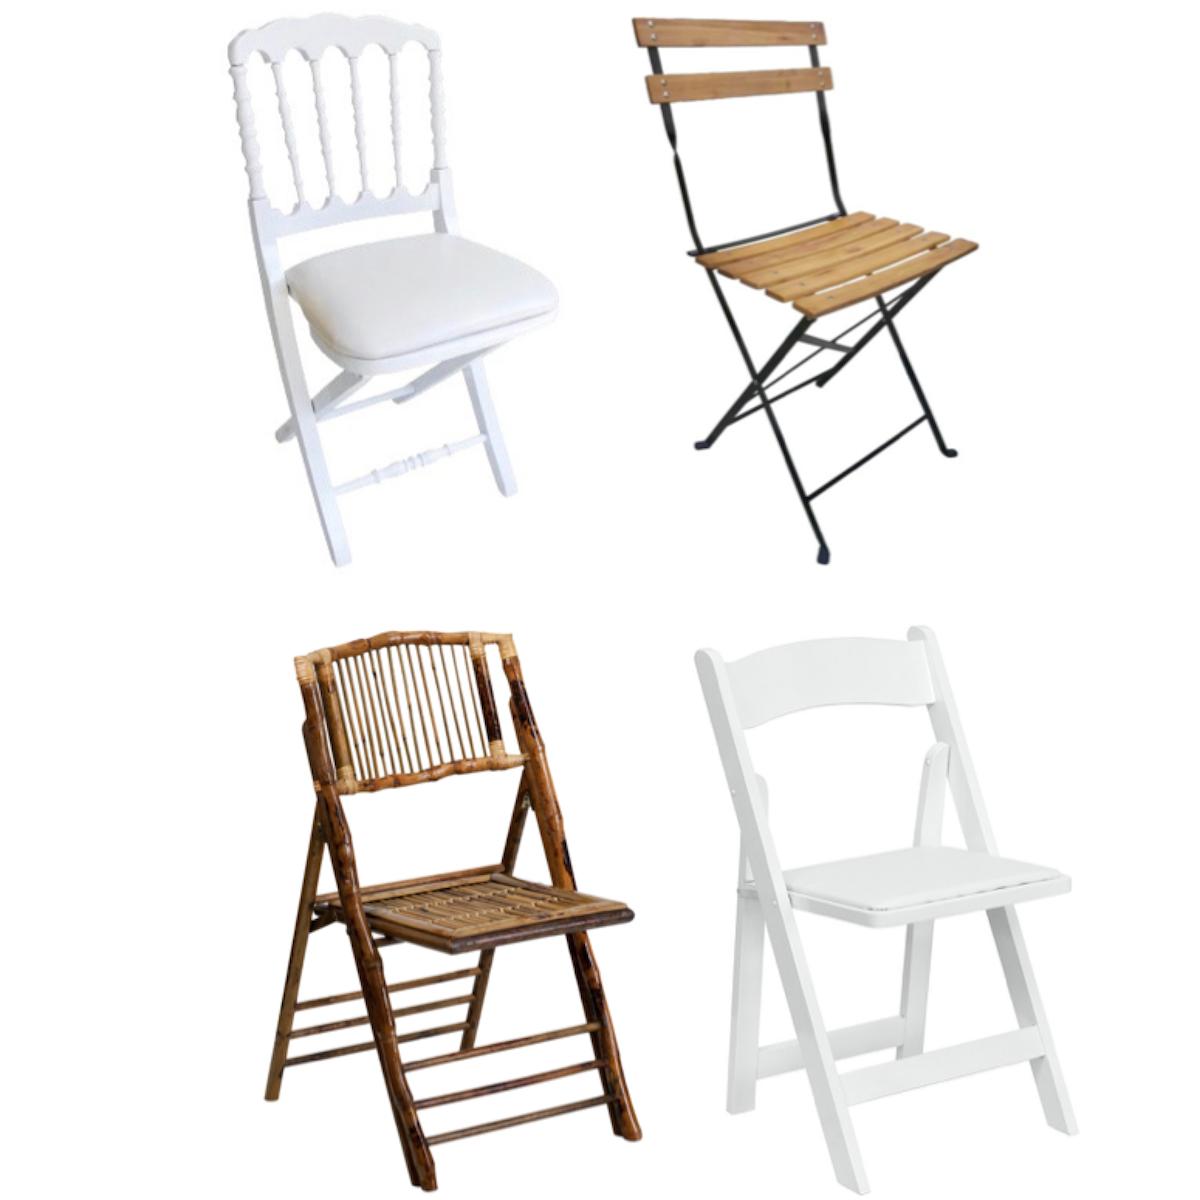 imexia vente et location de mobilier de r ception. Black Bedroom Furniture Sets. Home Design Ideas